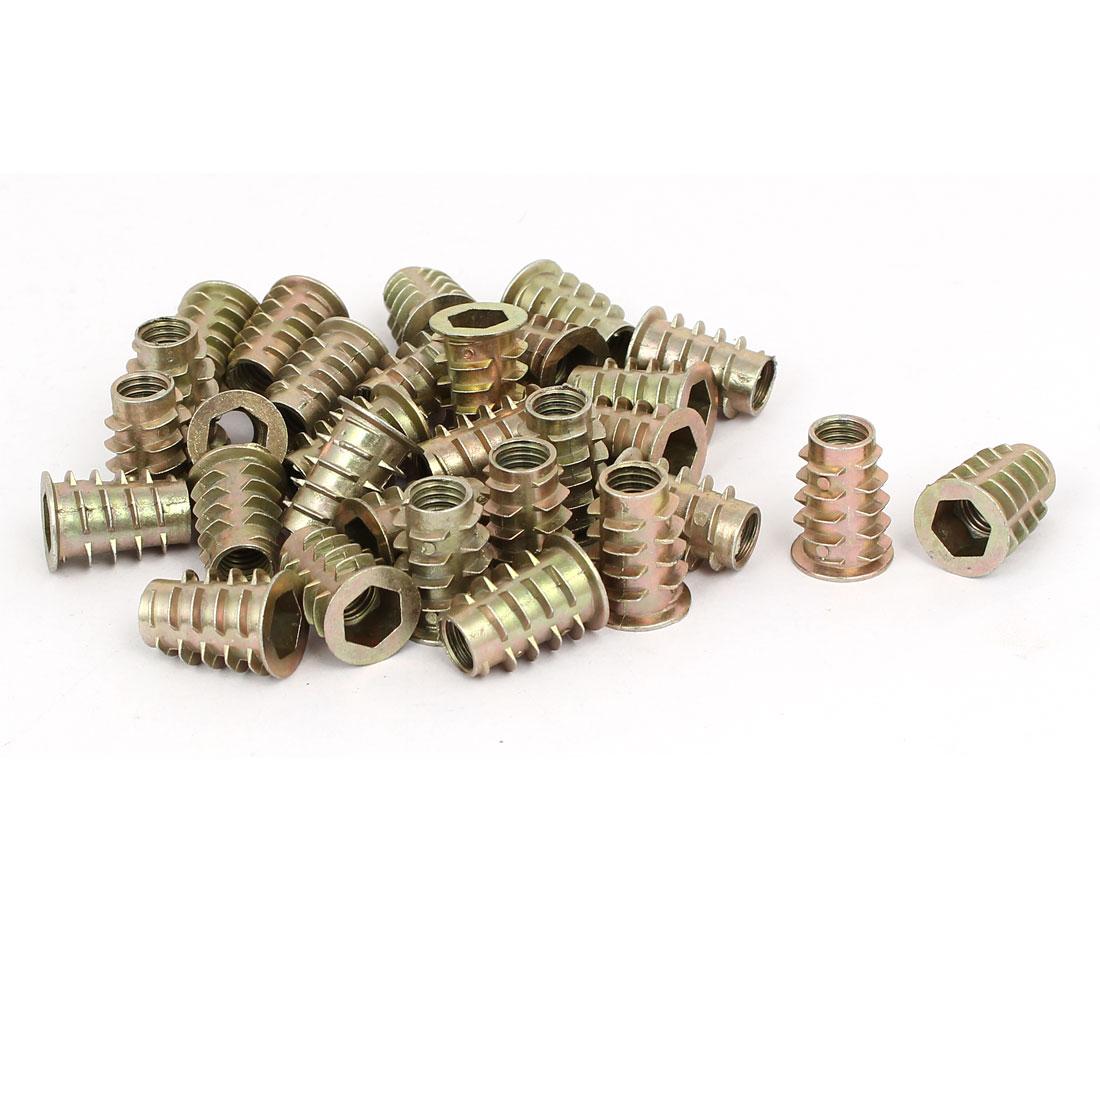 M8 x 20mm Hex Socket Head Insert Screws E-Nuts Furniture Fittings 30pcs